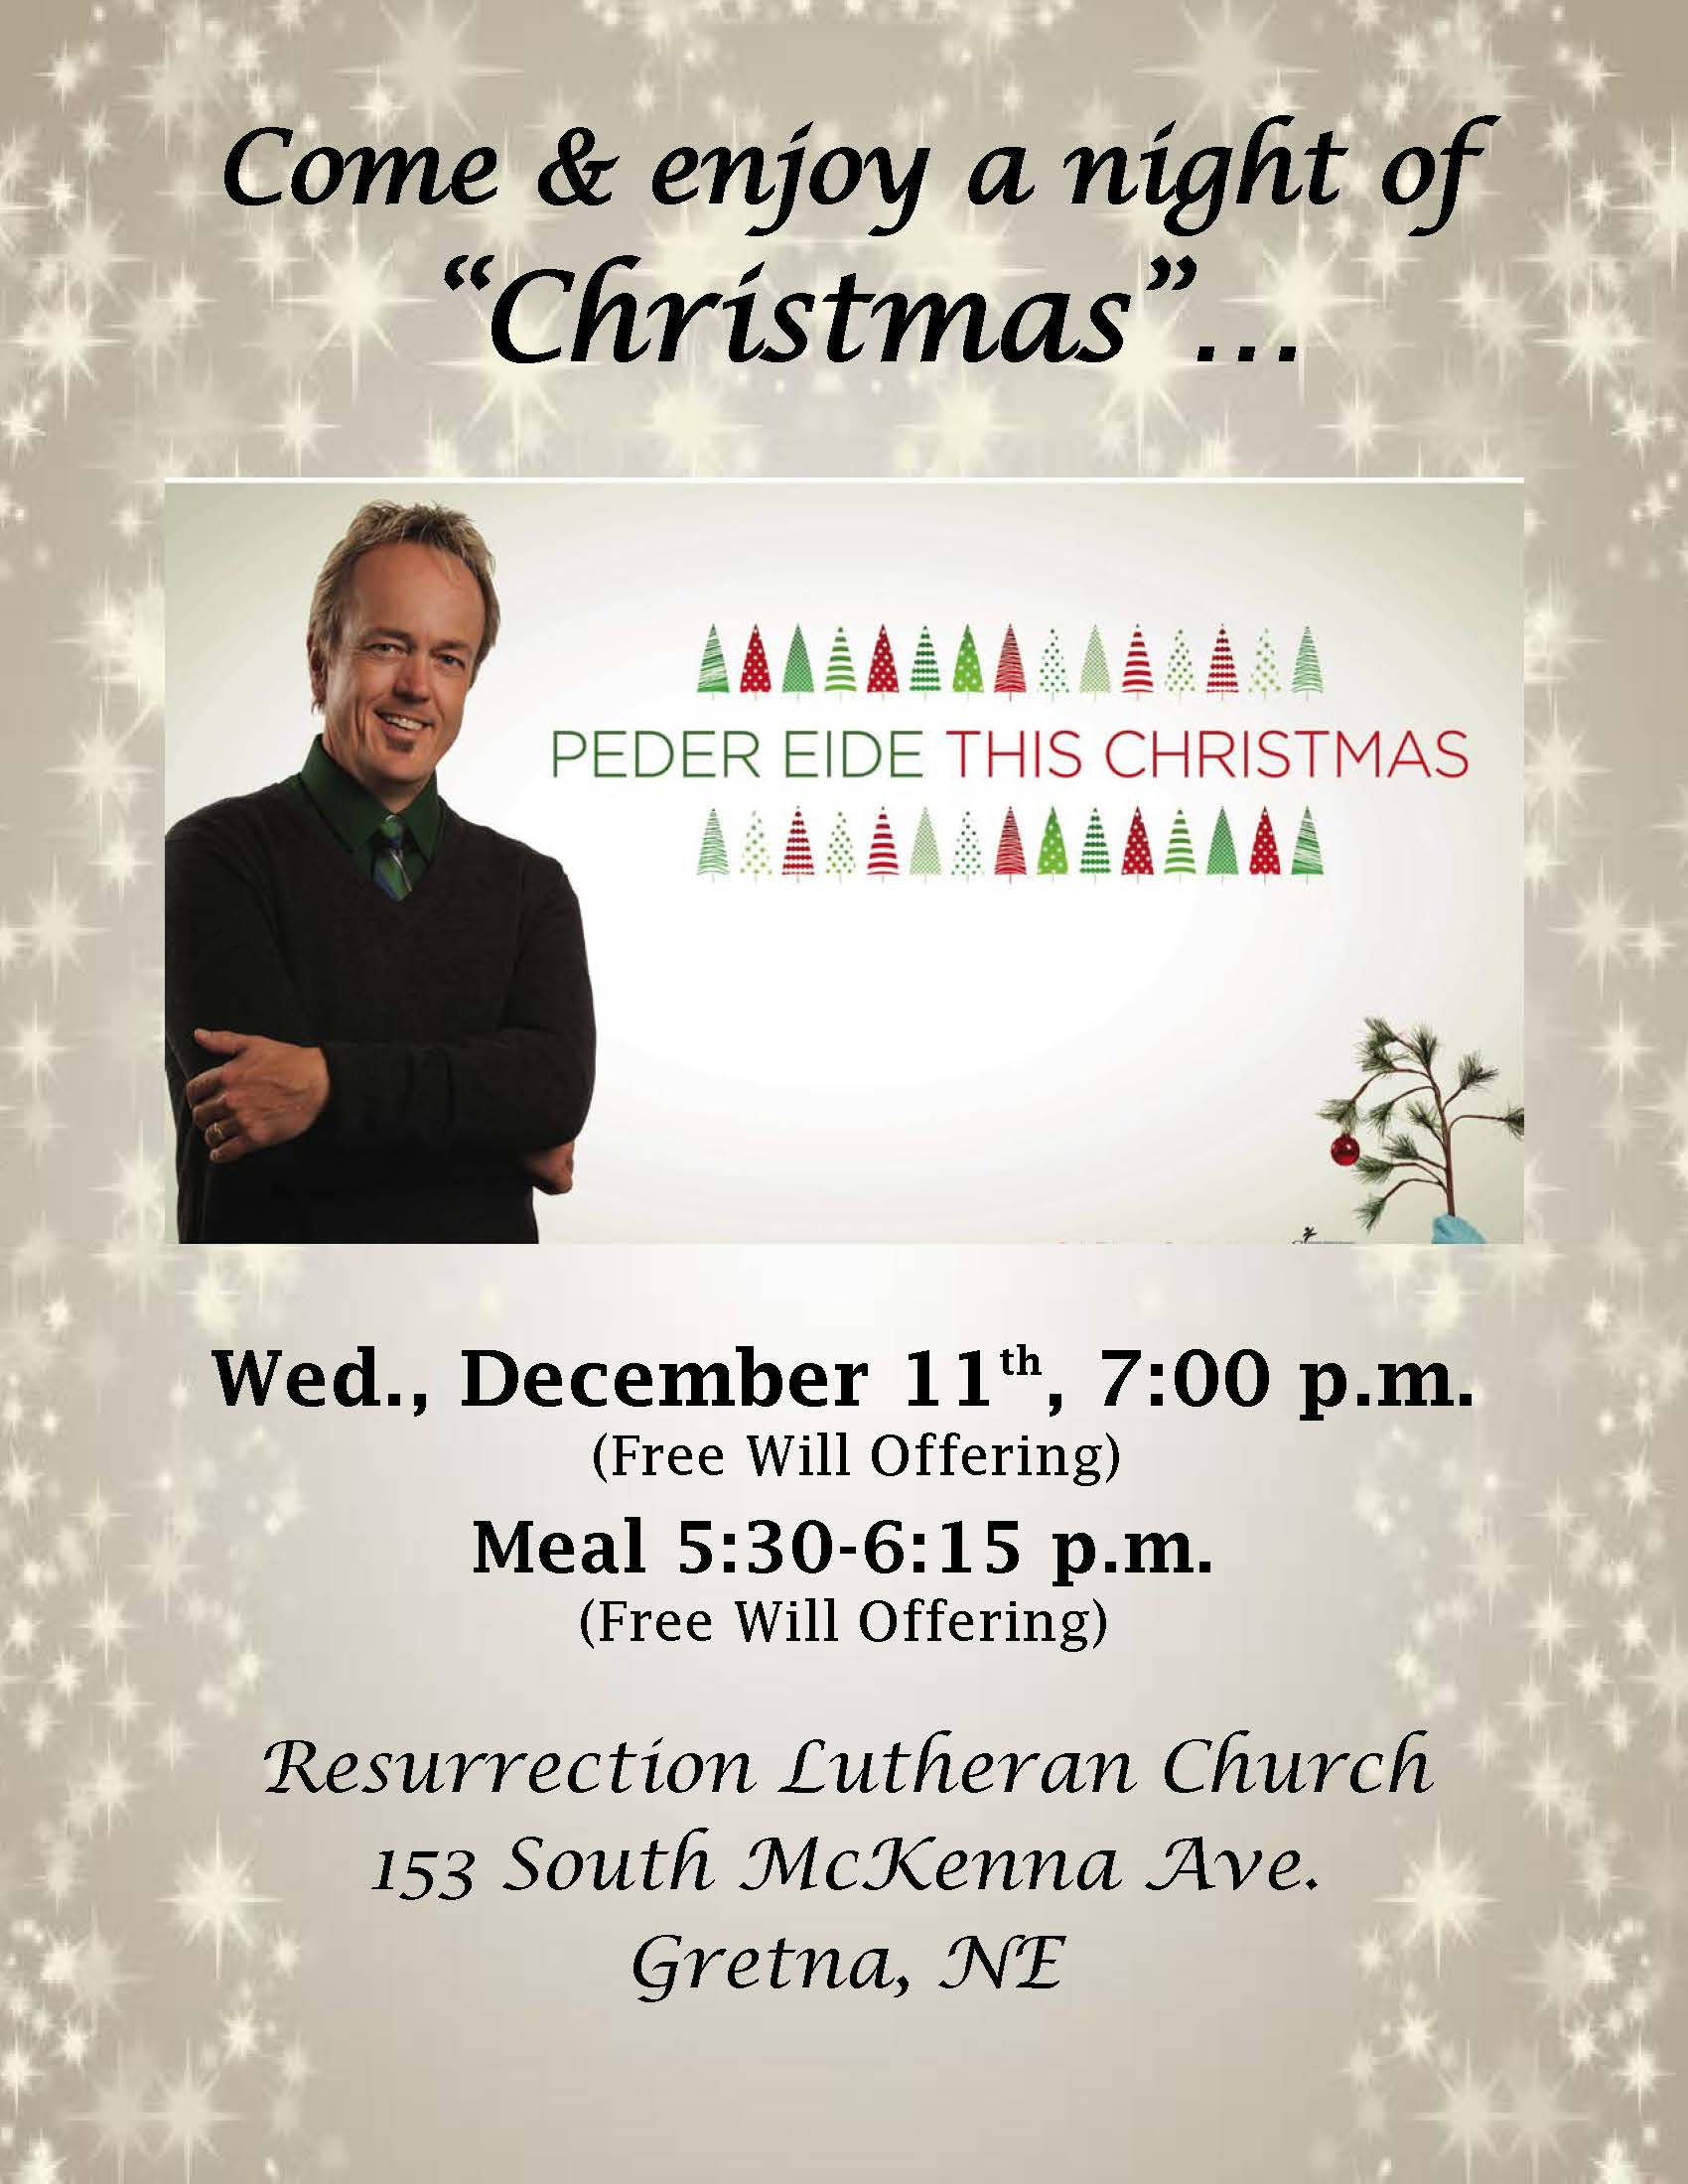 Peder Eide This Christmas Concert